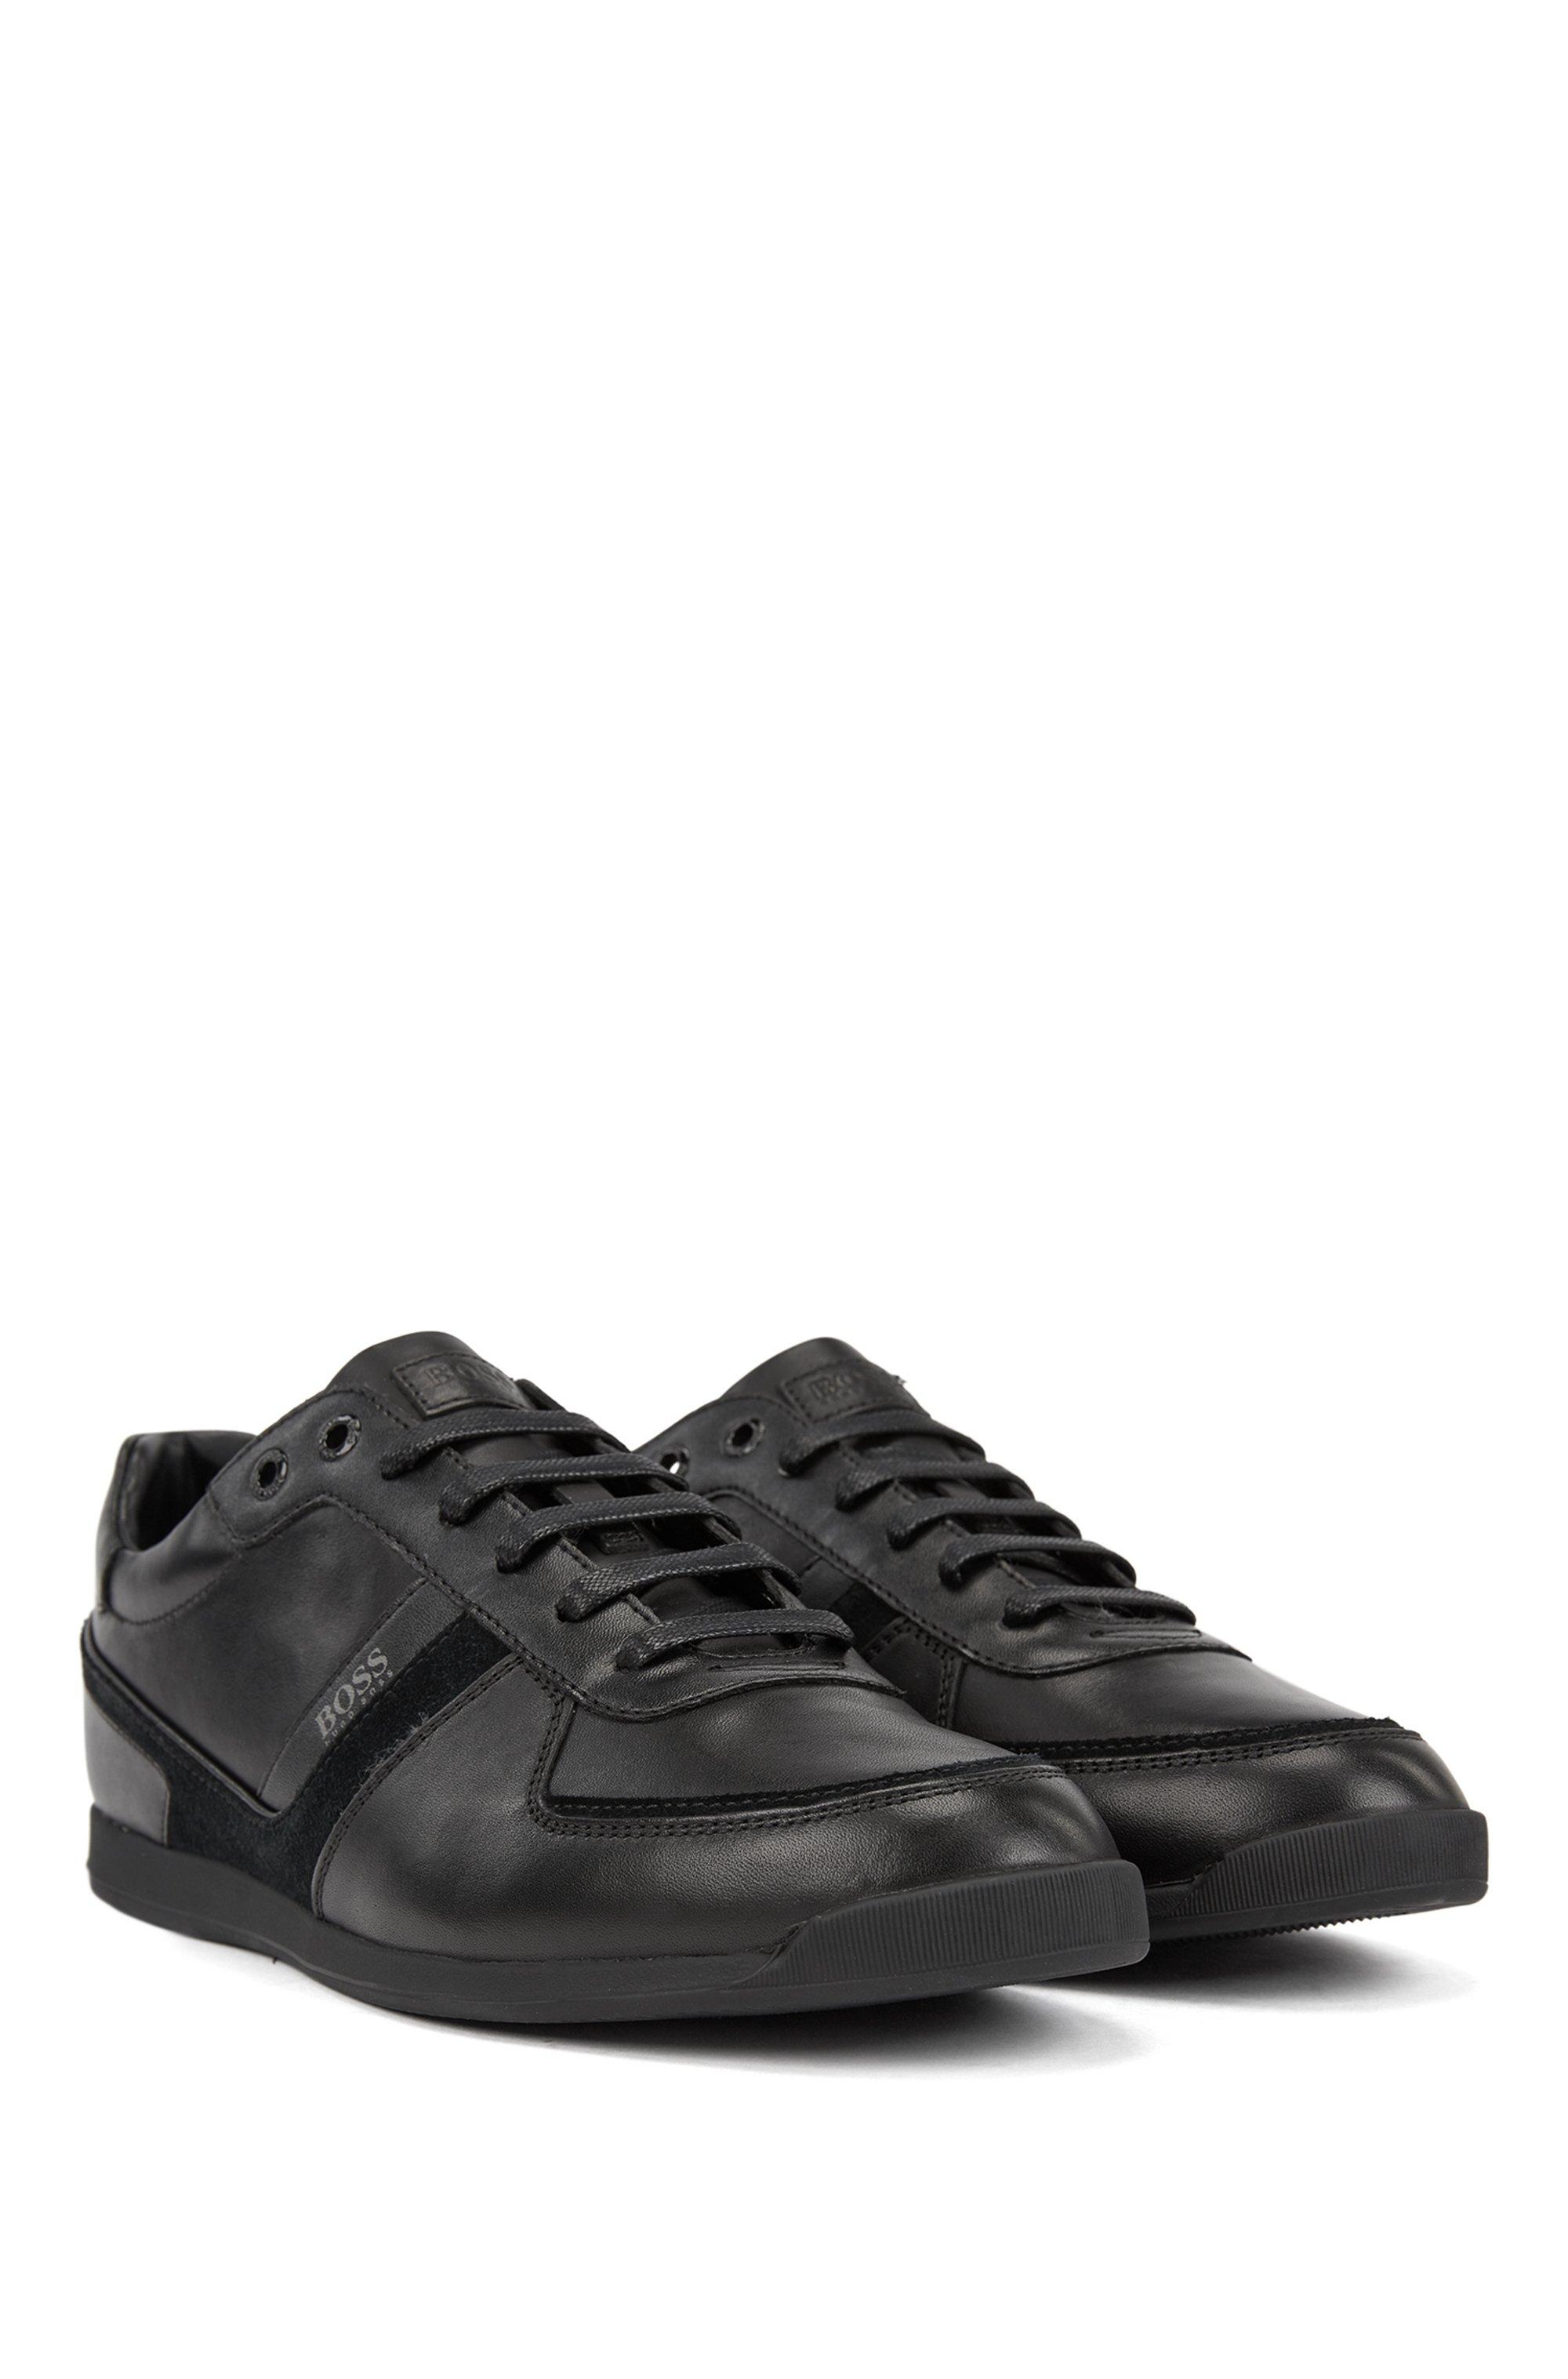 Sneakers in pelle a basso profilo con fodera interna in carbone di bambù